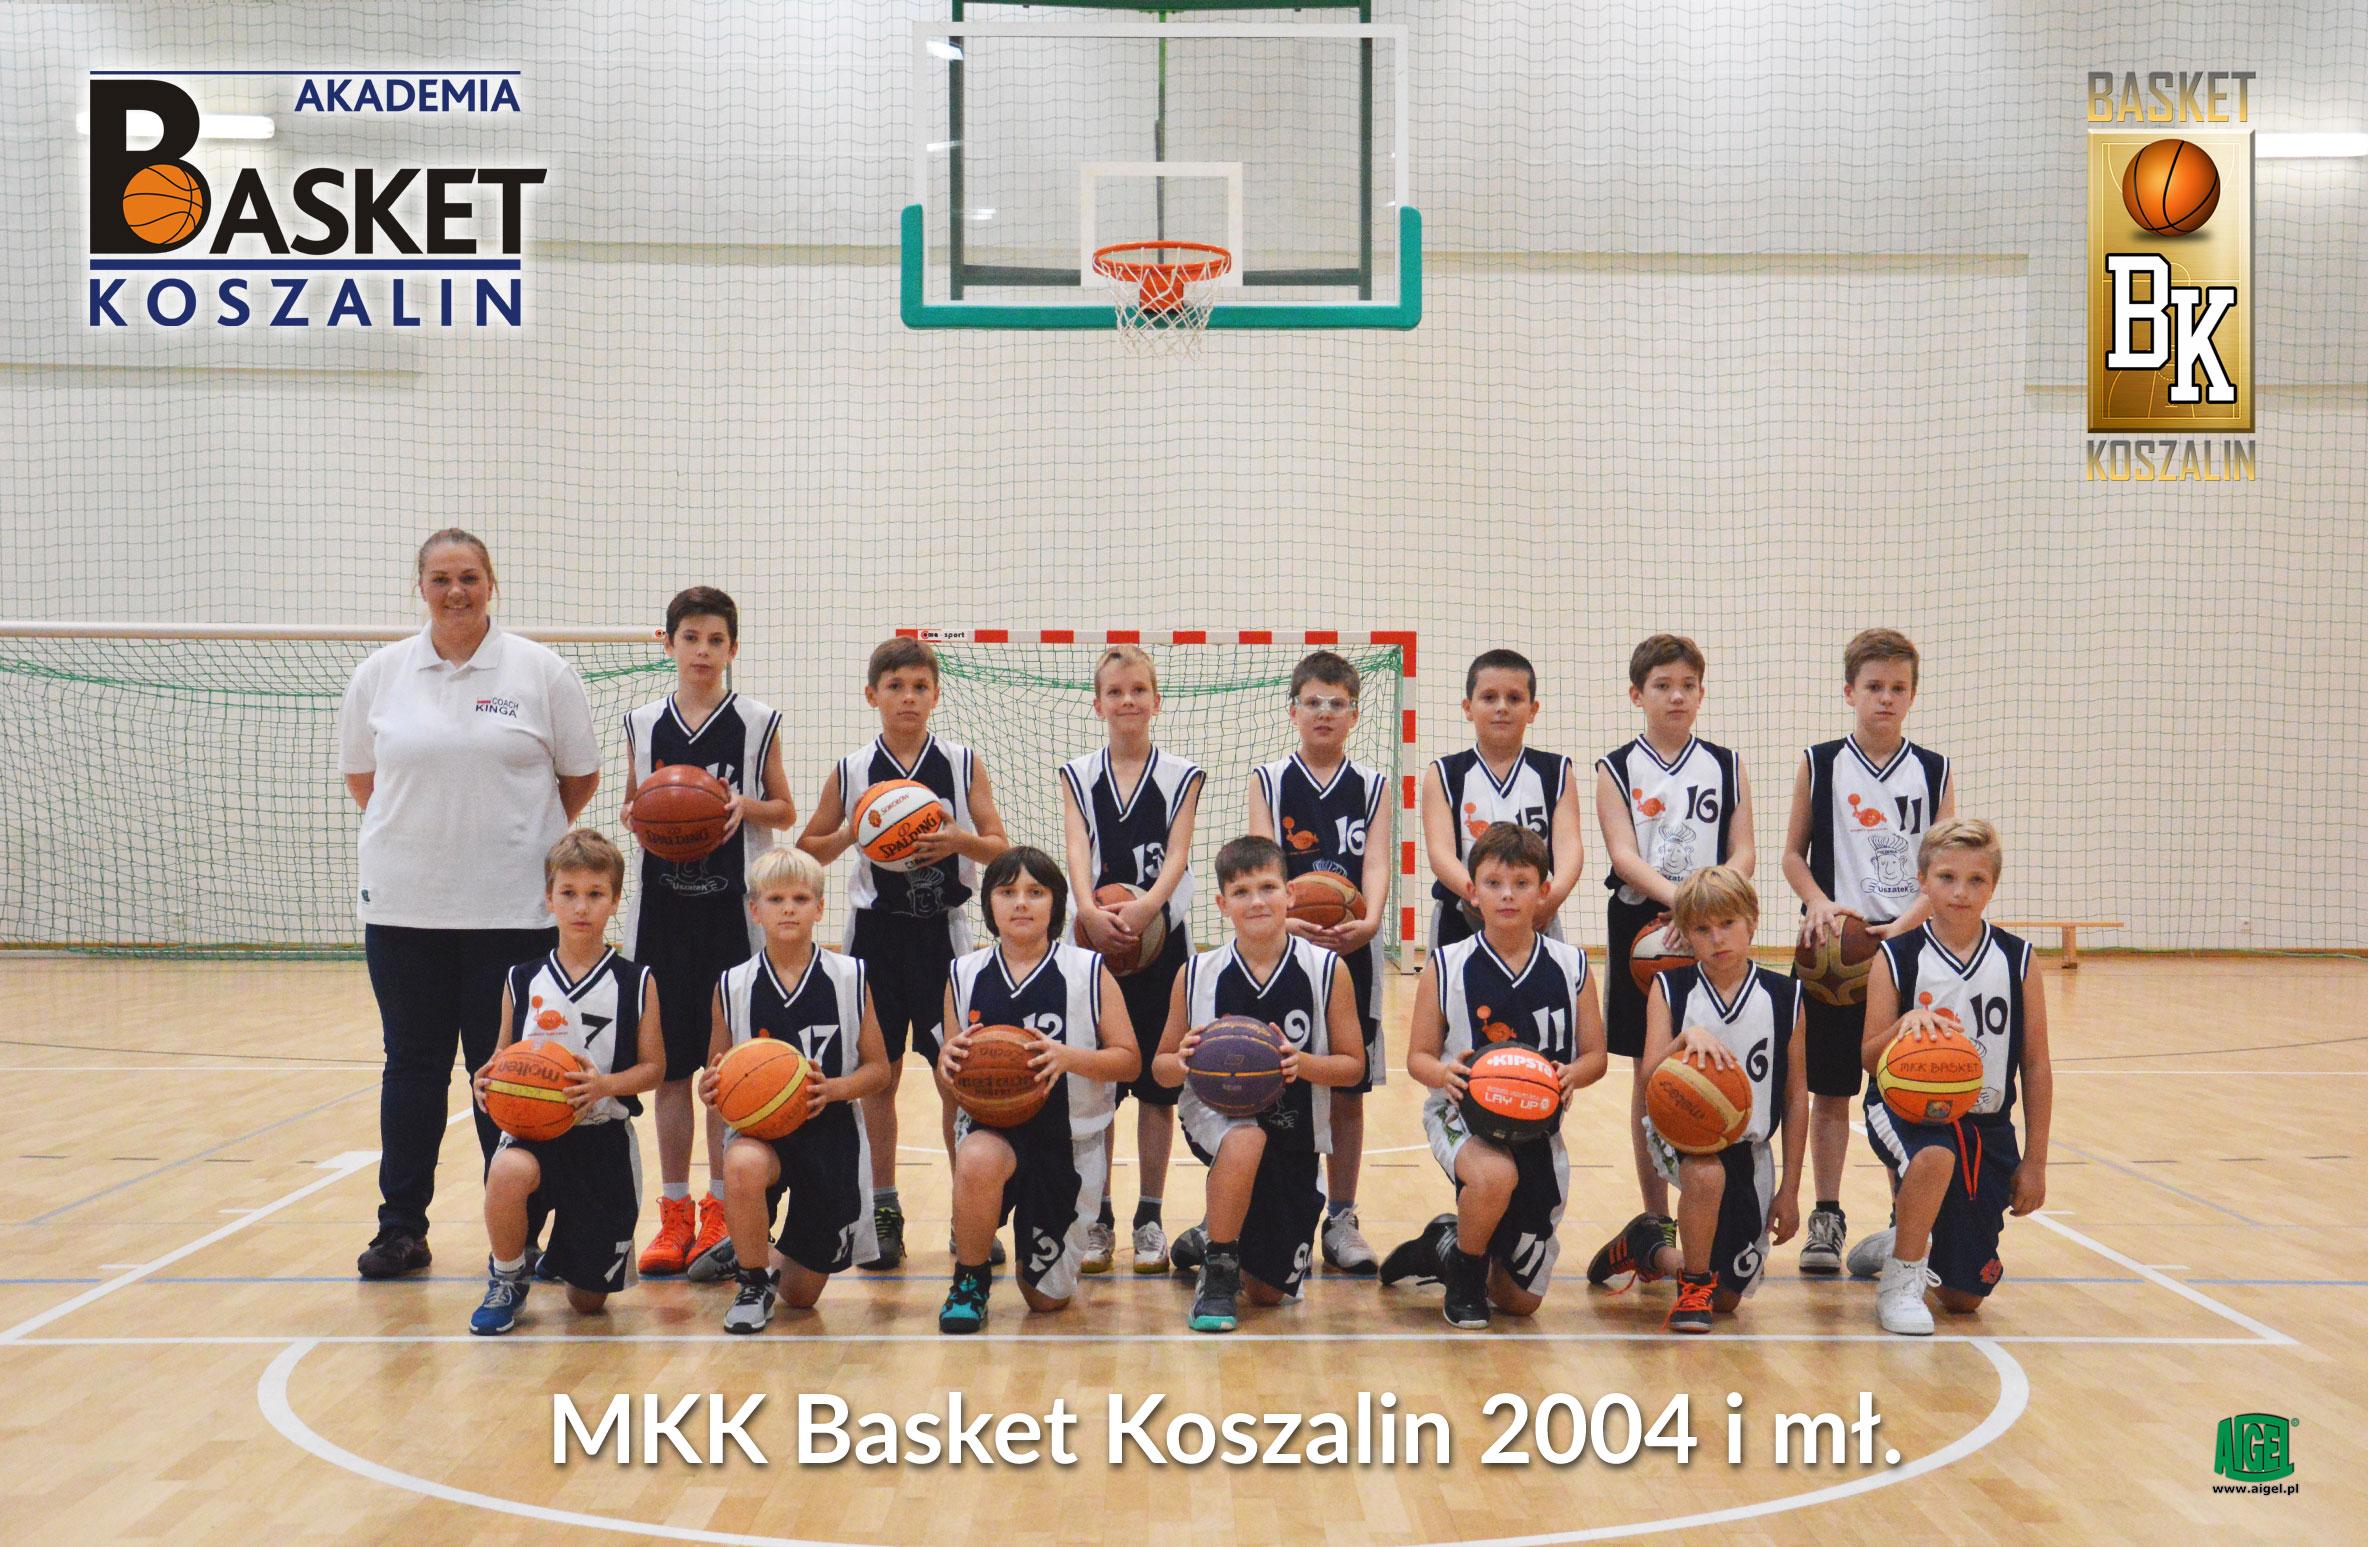 MKK Basket Koszalin 2004 i mł.